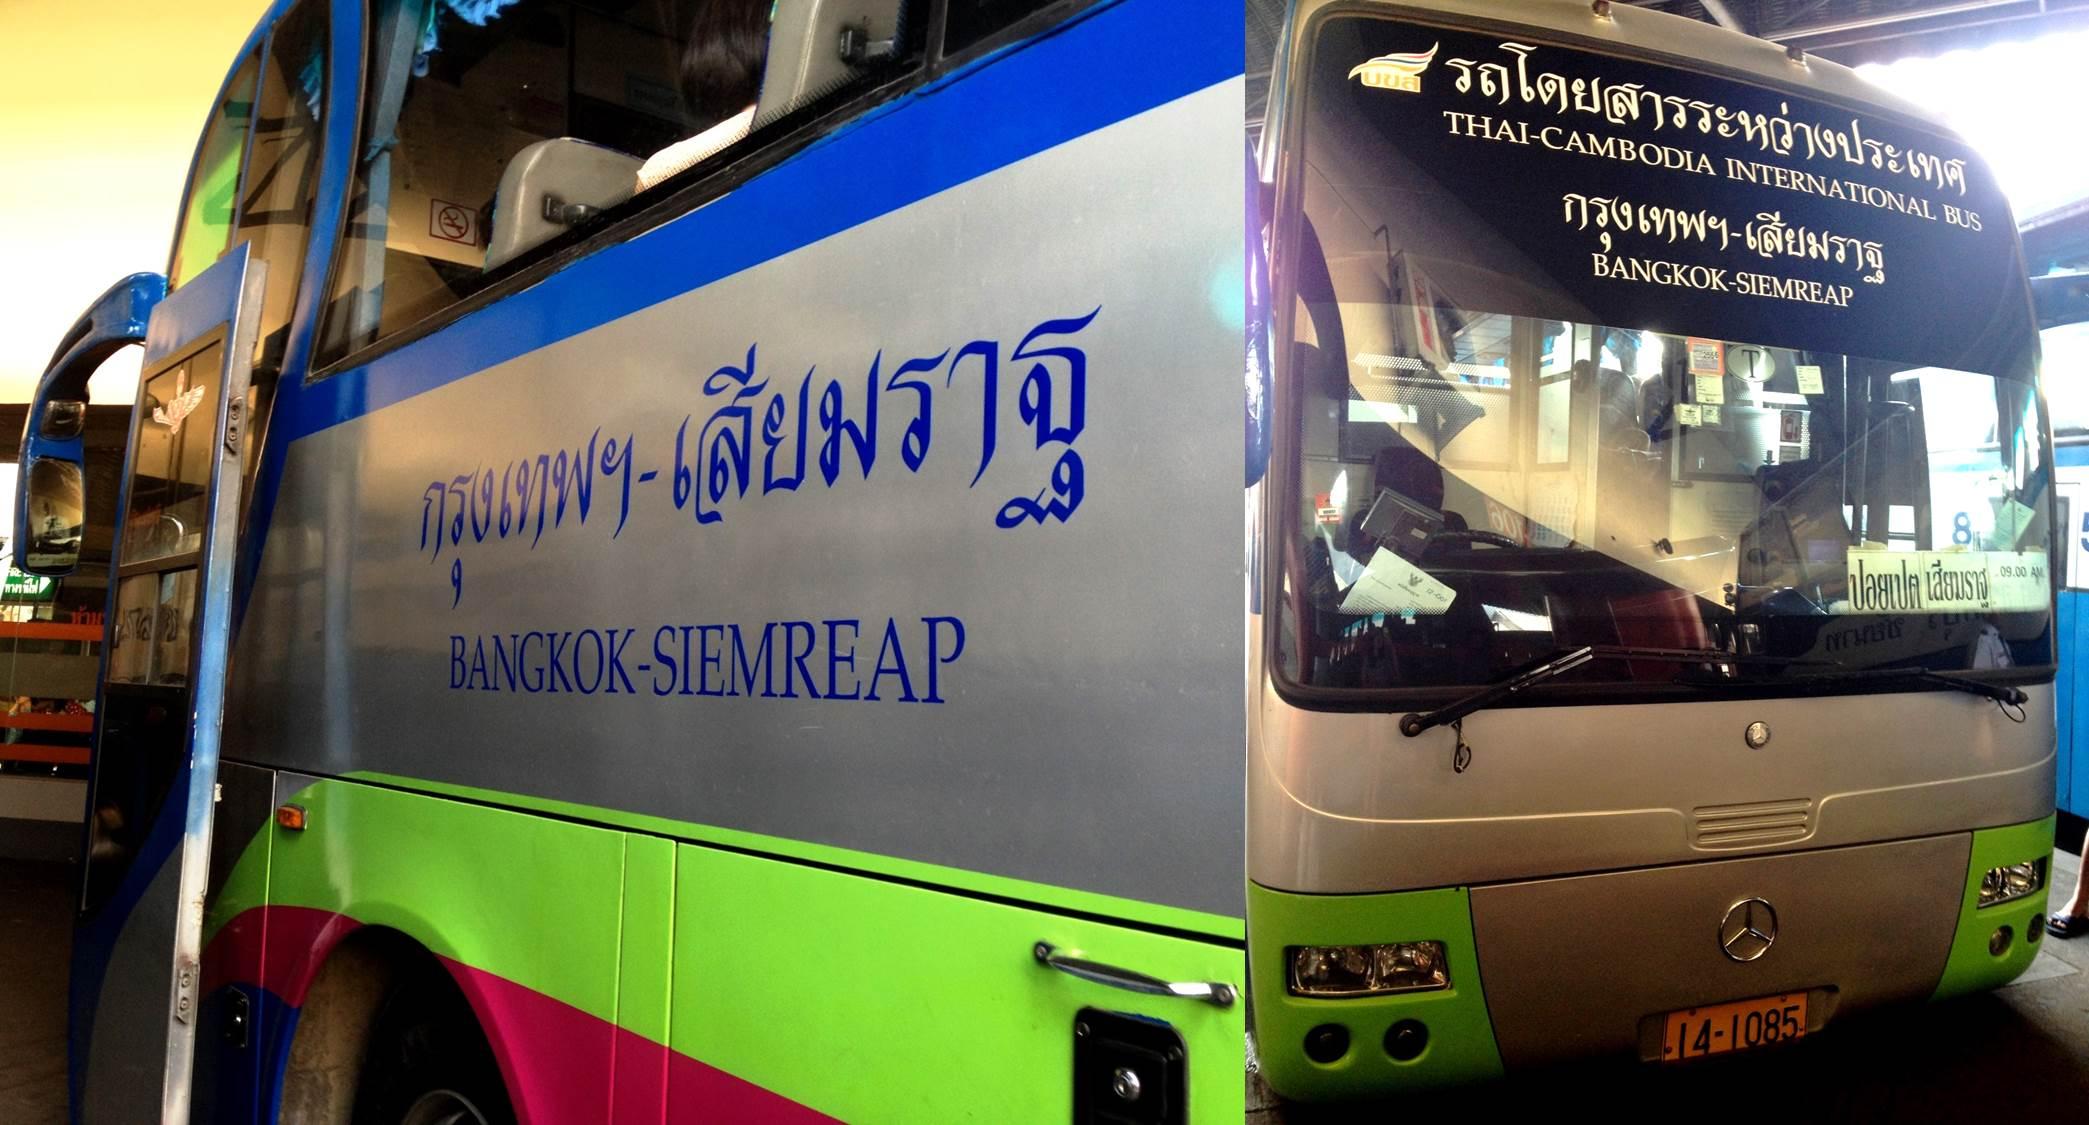 Take a bus from Bangkok to Siem Reap